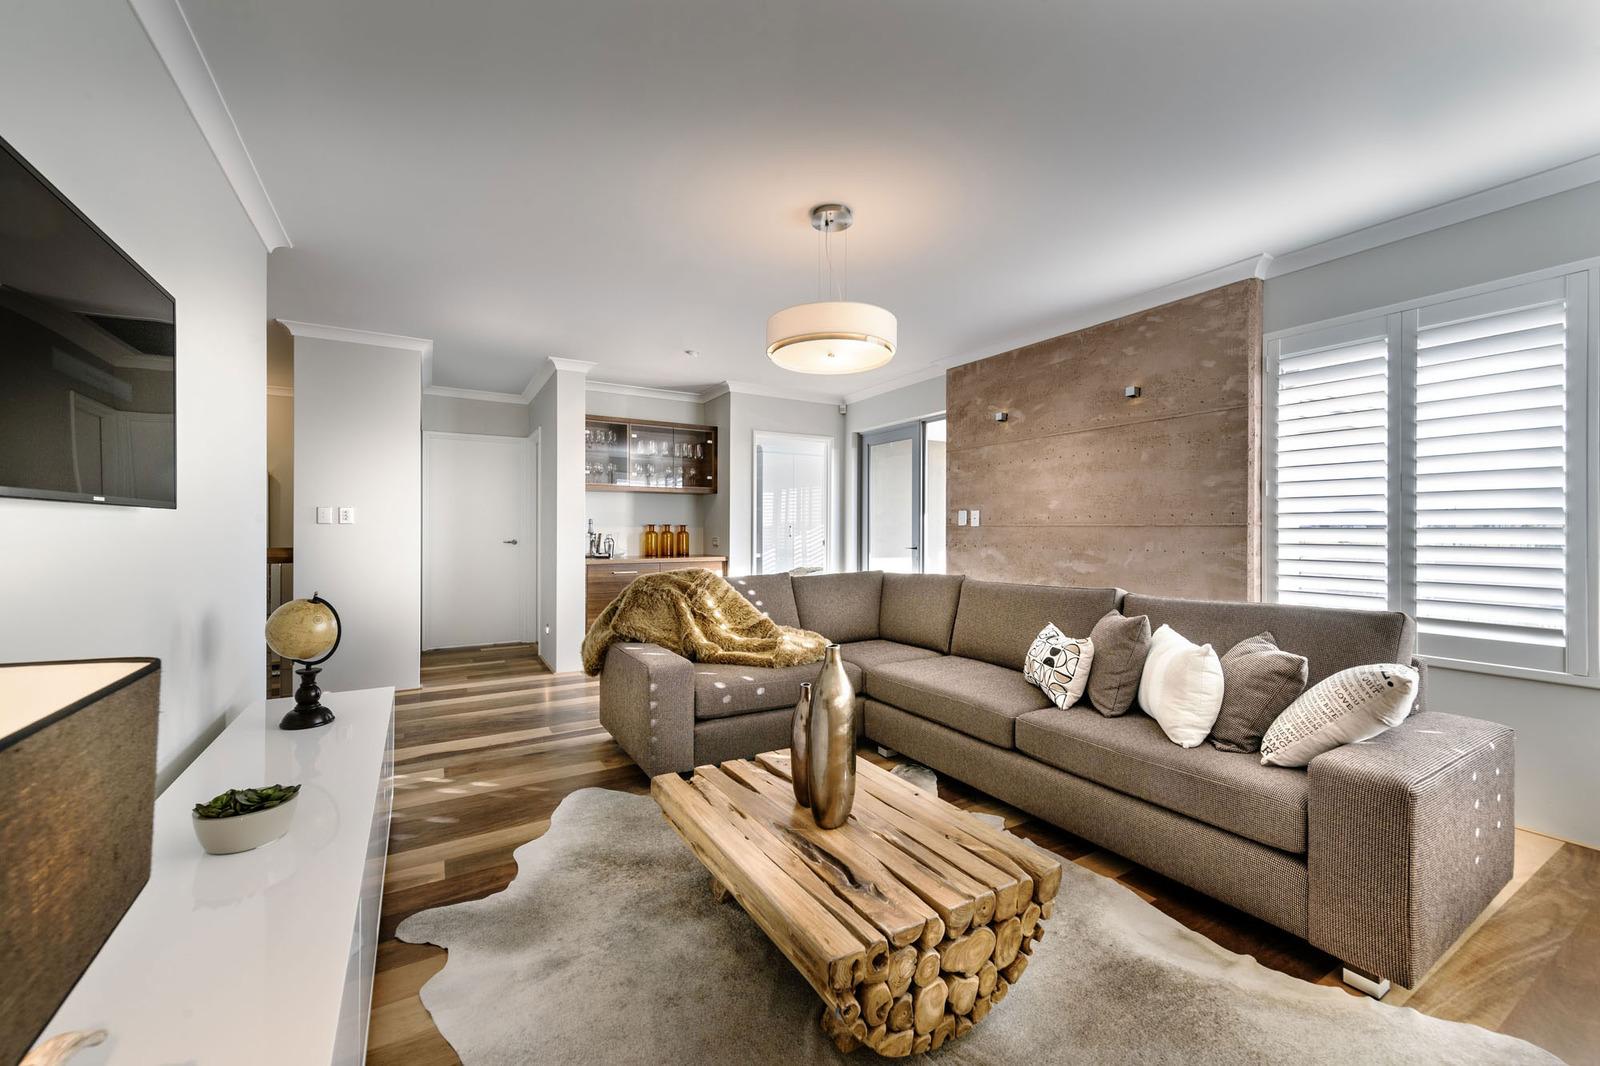 Fullsize Of Elegant Home Decor